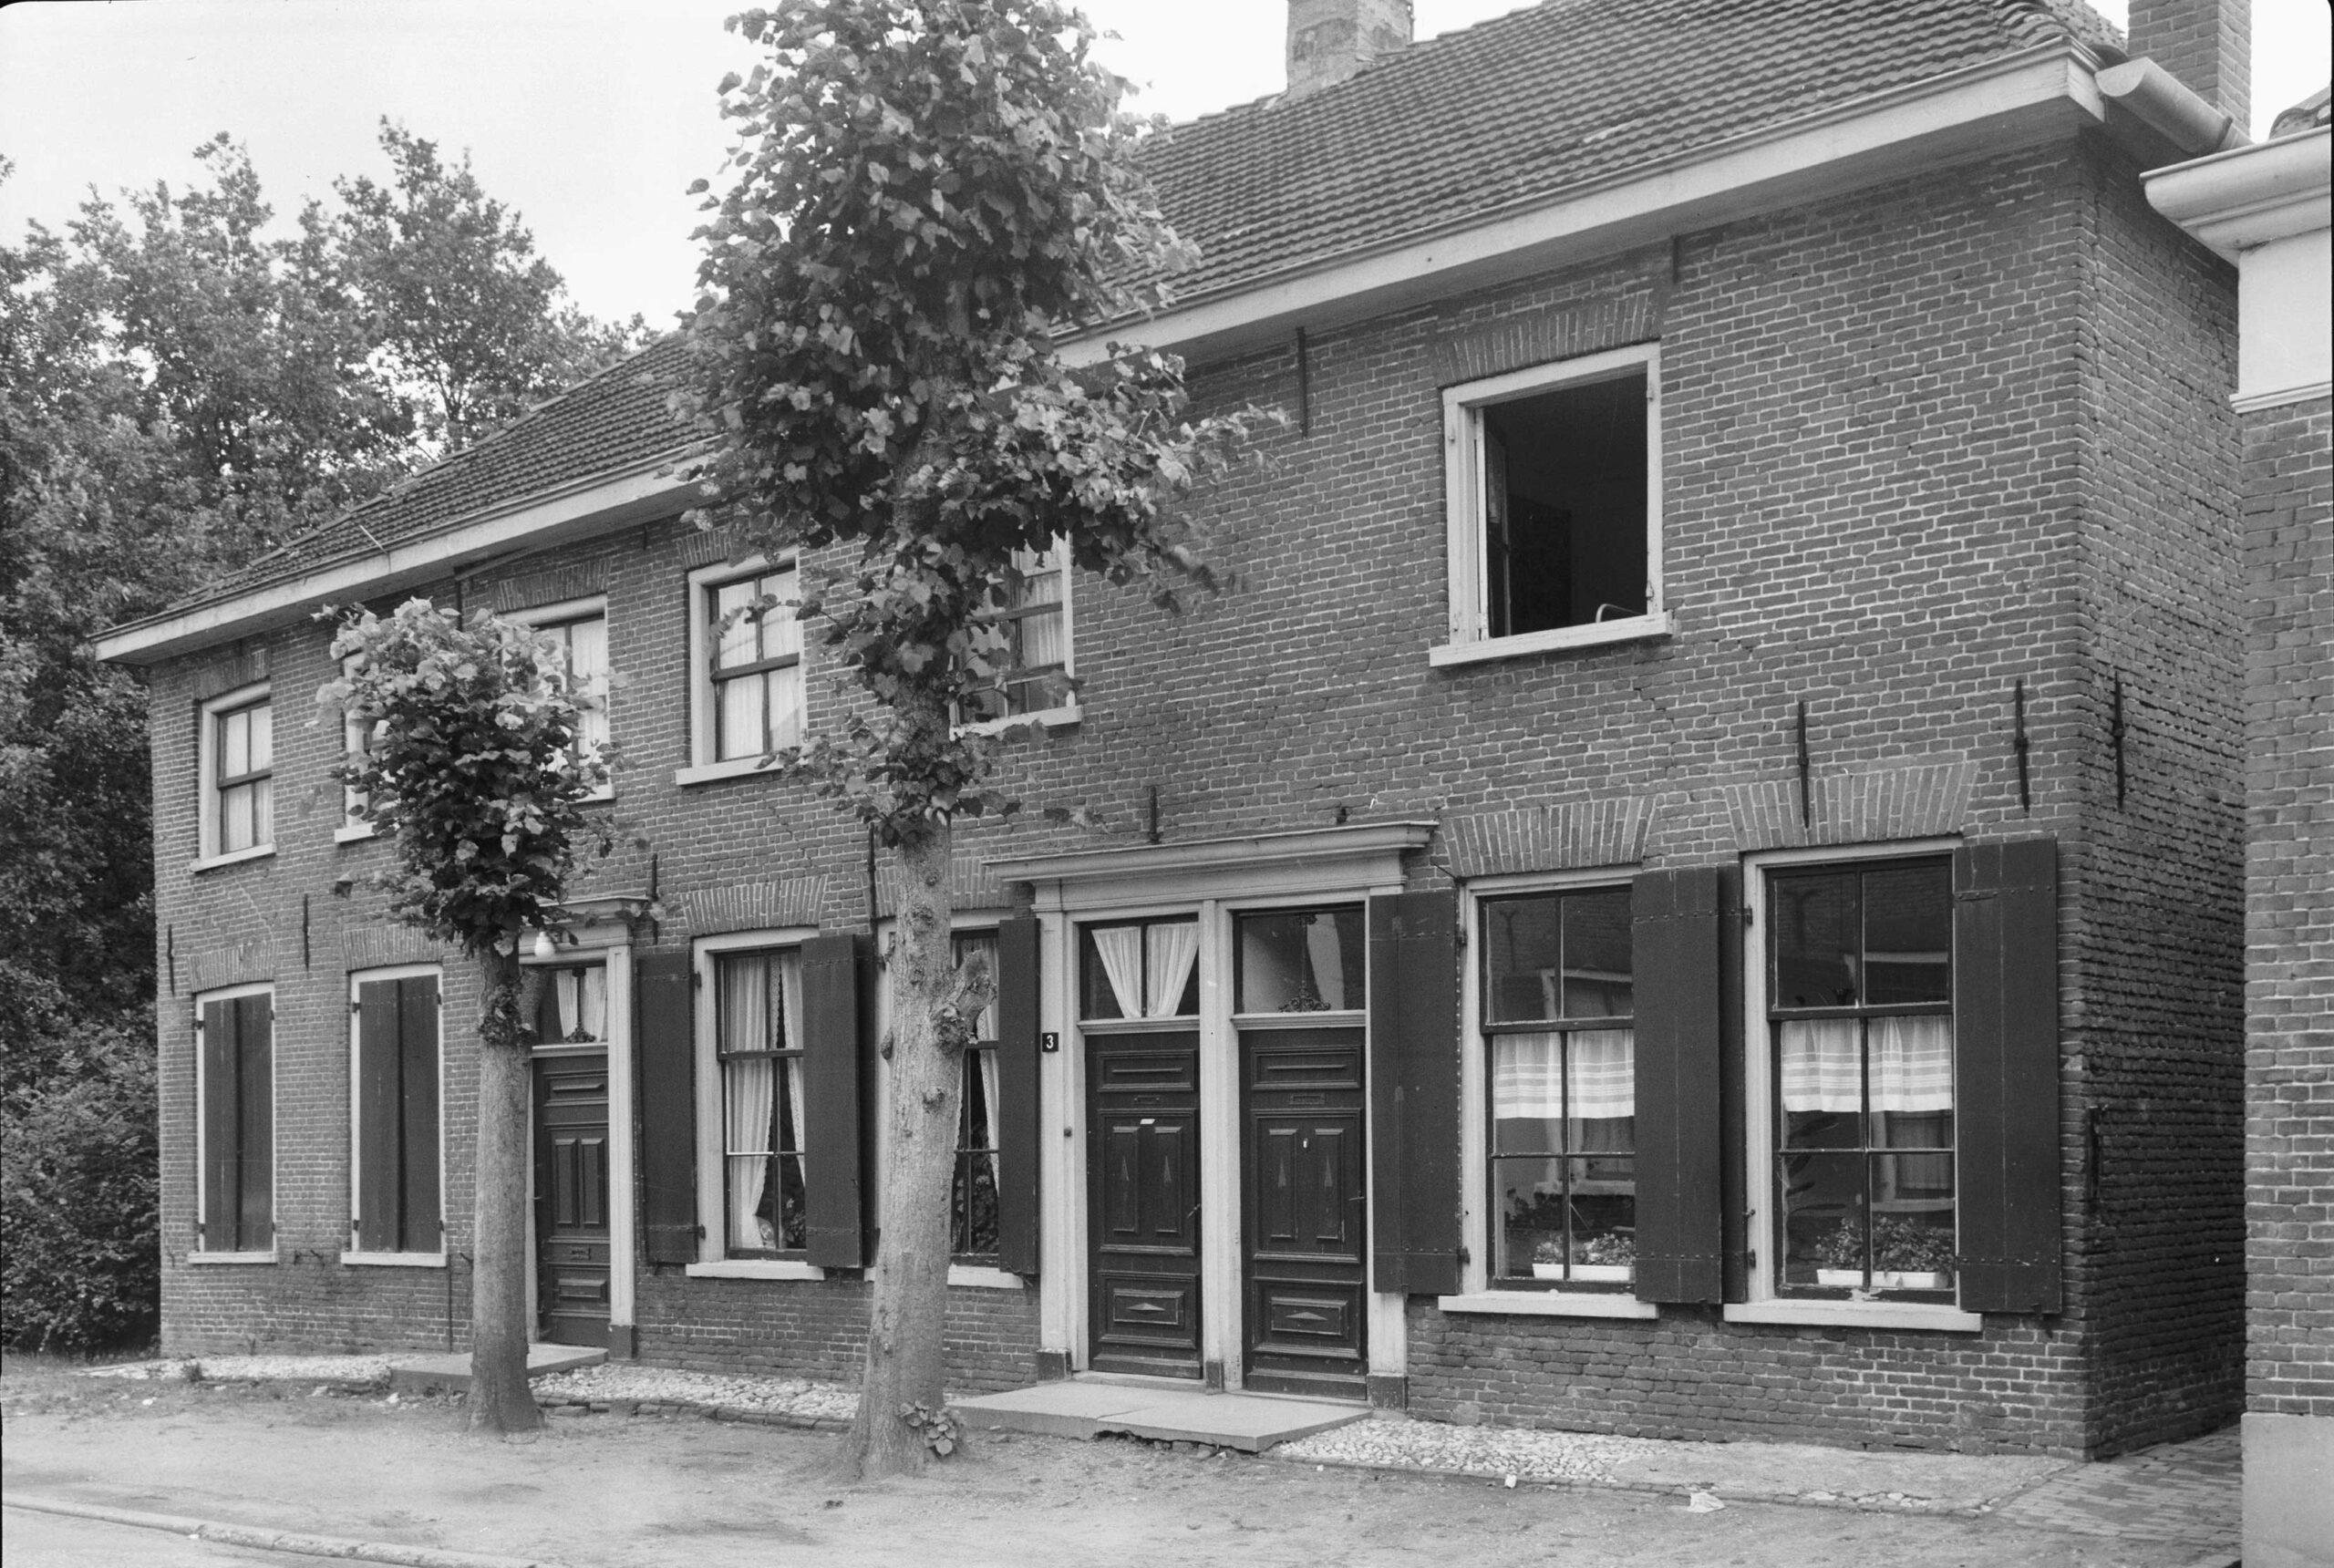 Laag-Keppel Dorpsstraat 1 3 5 Dwarshuis